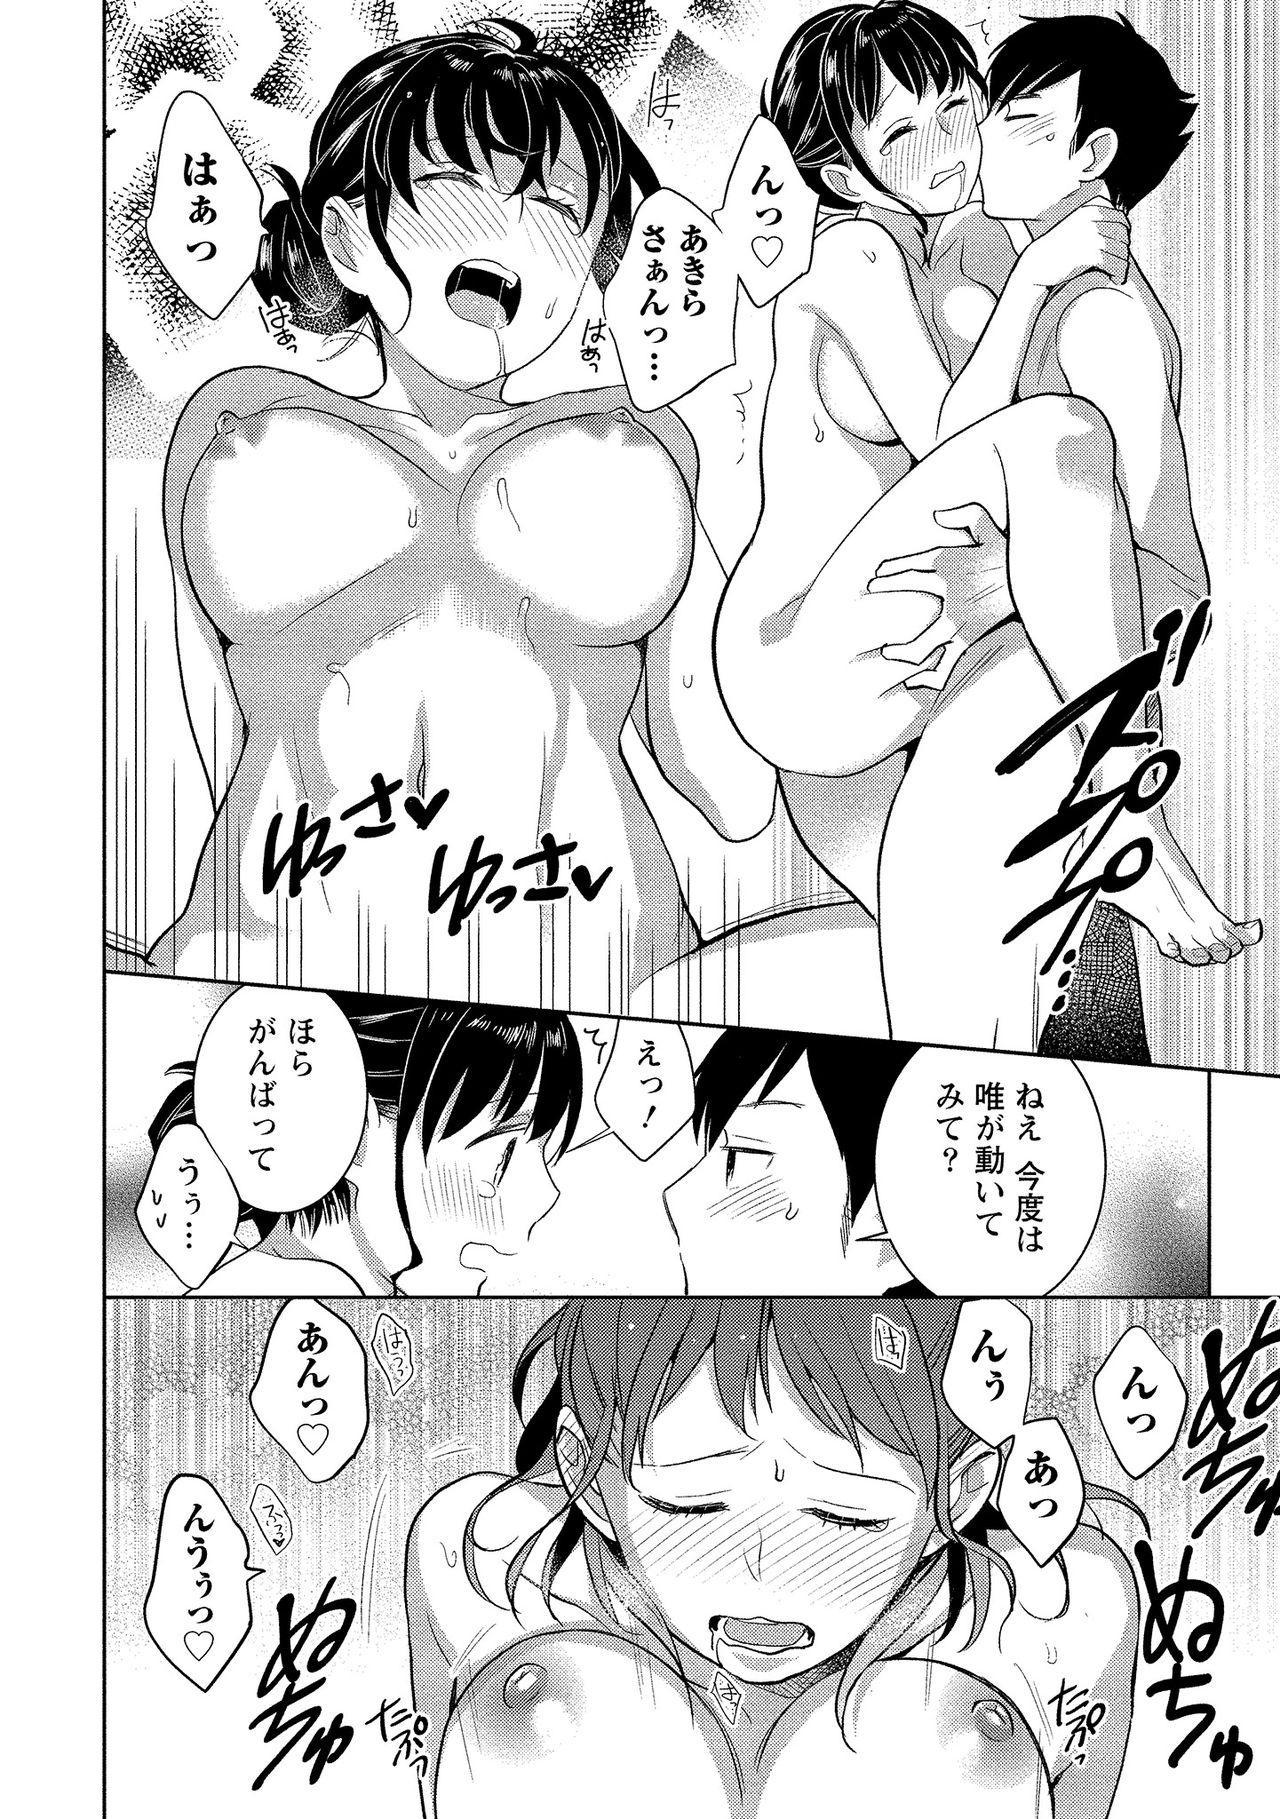 Dorobou Neko wa Kanojo no Hajimari 130